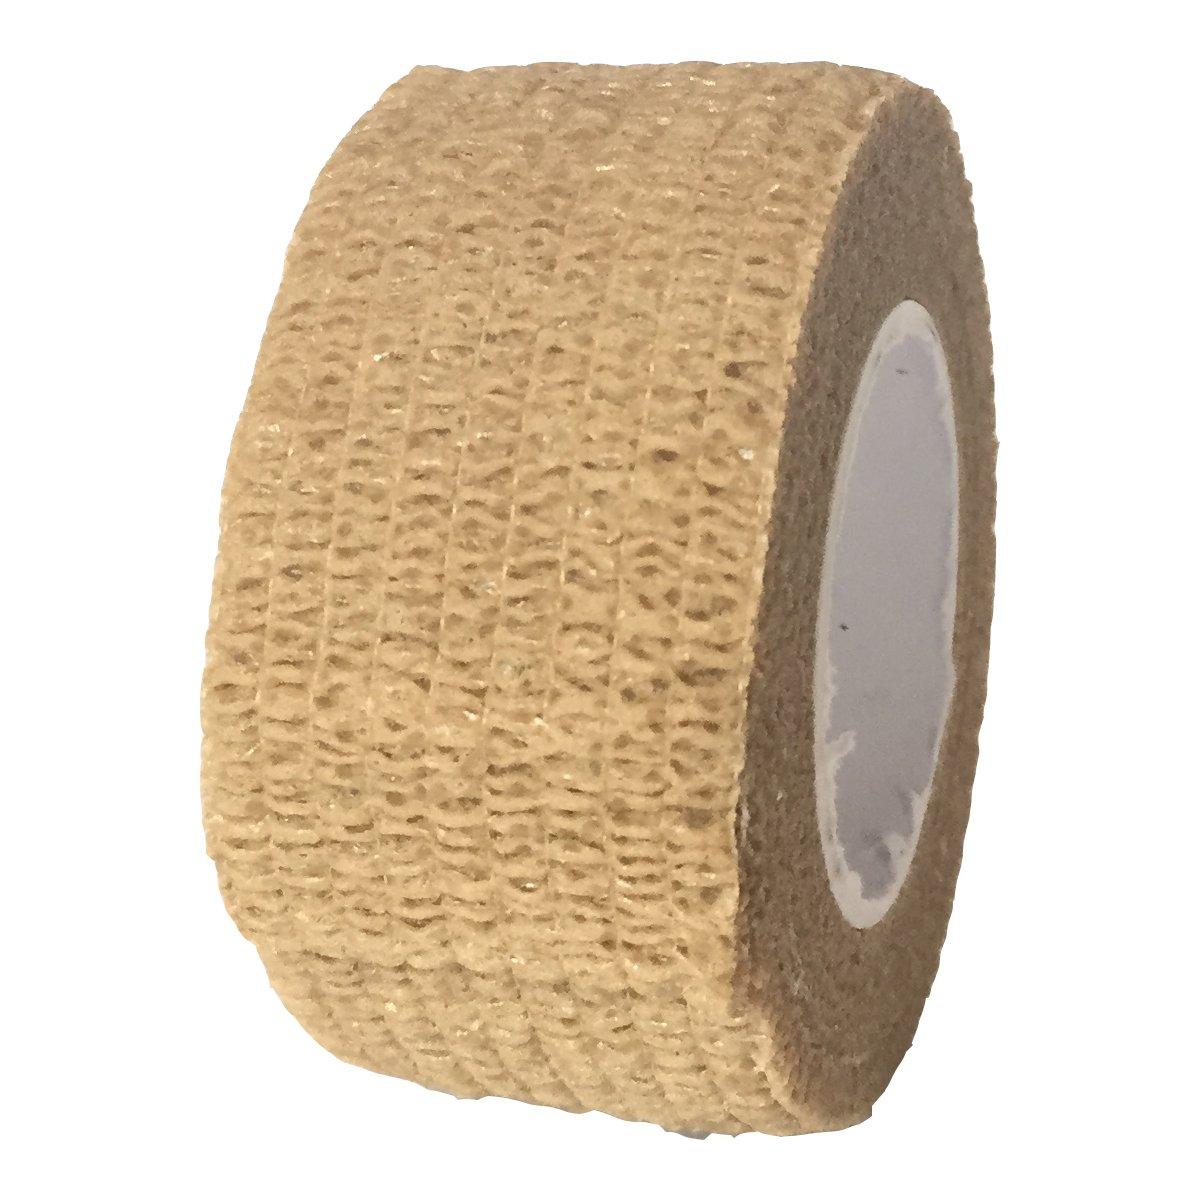 Steroplast Bandage cohé sif, 2.5 centimetre X 4.5 metre, brun clair 2.5centimetre X 4.5metre